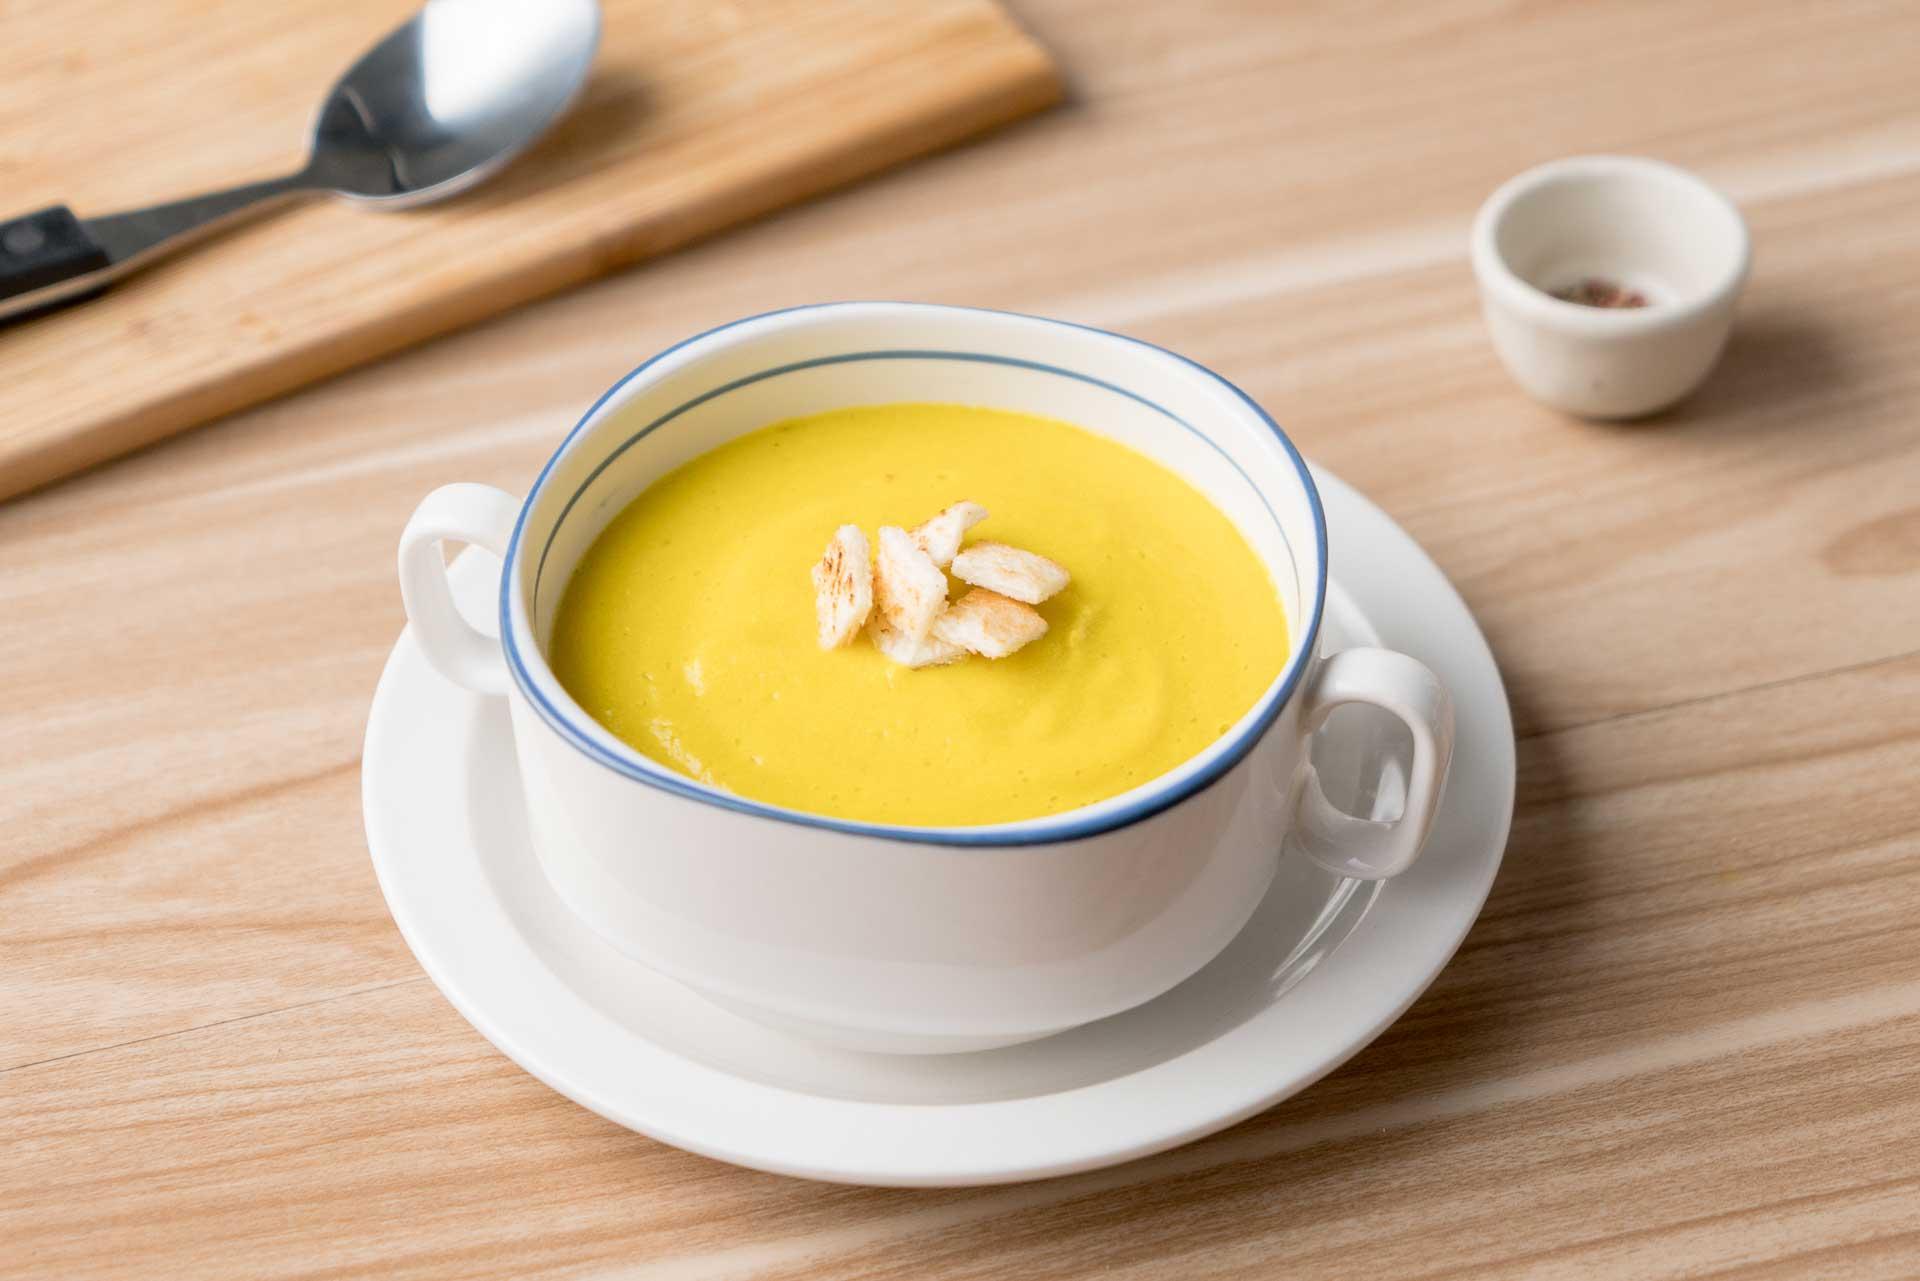 ซุปไข่ขาวฟักทอง